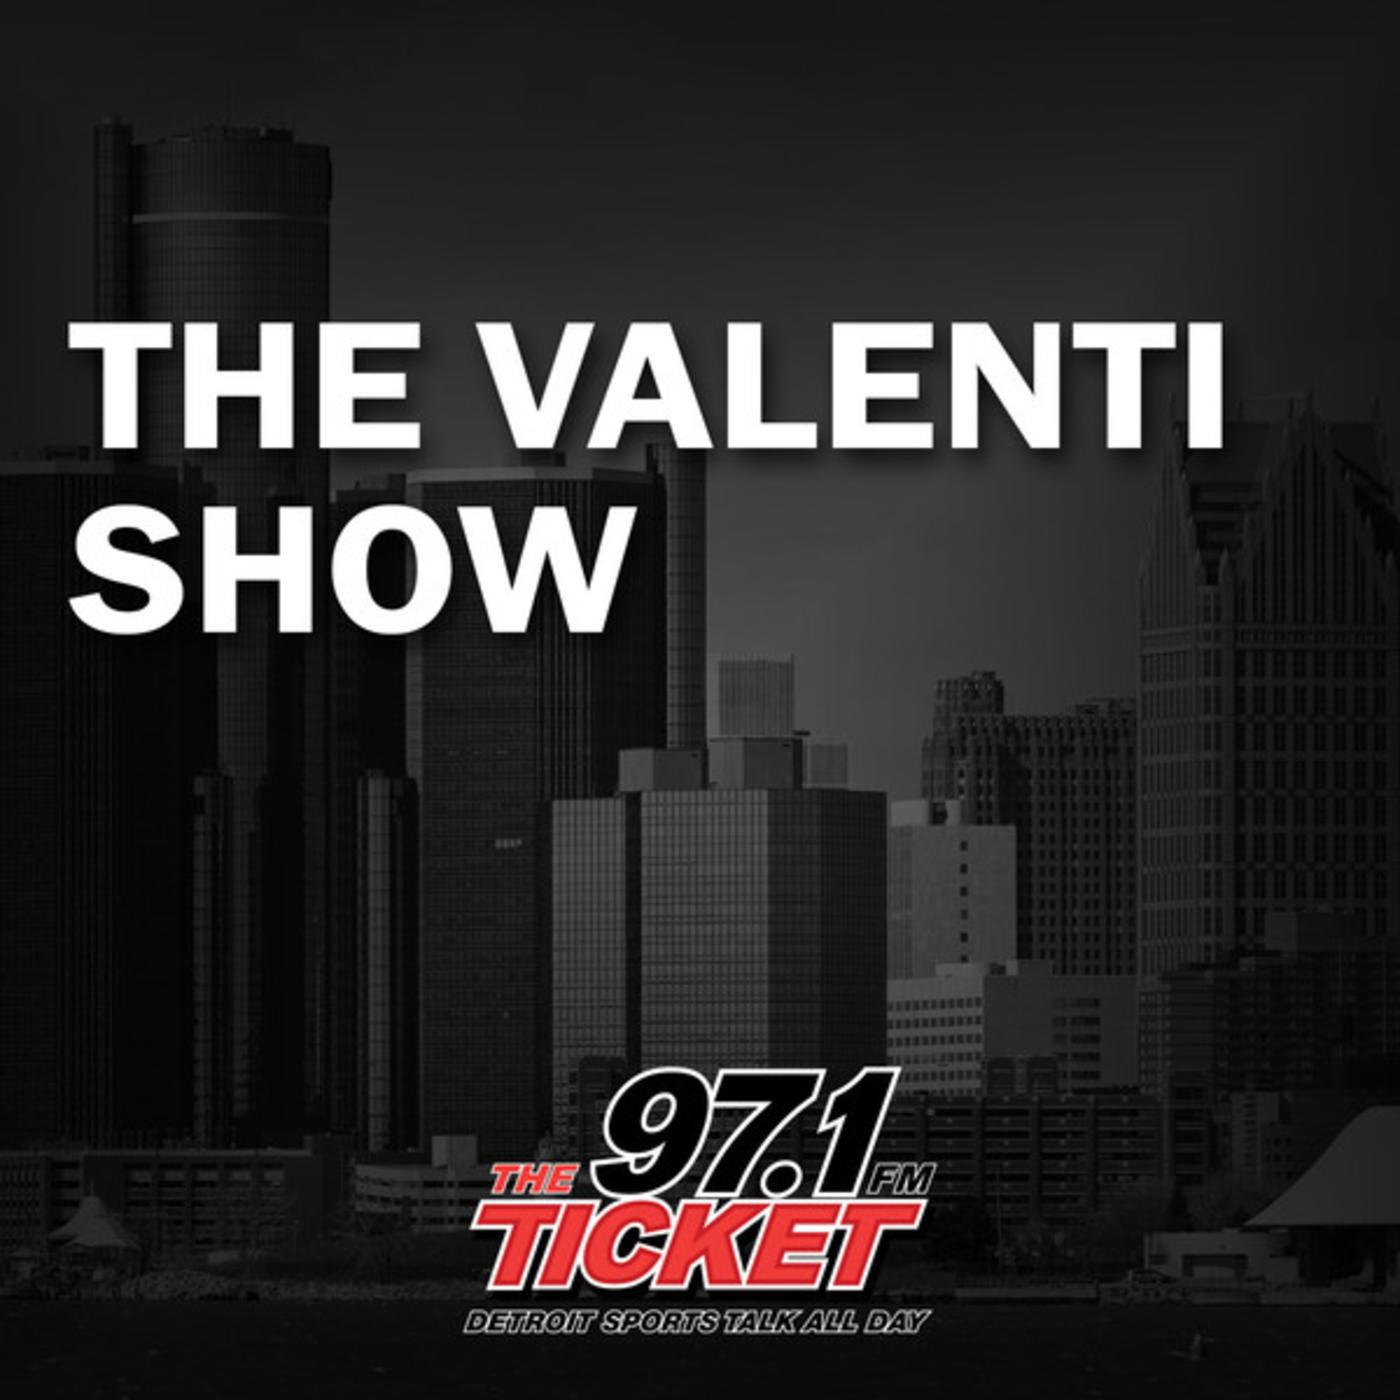 The Valenti Show